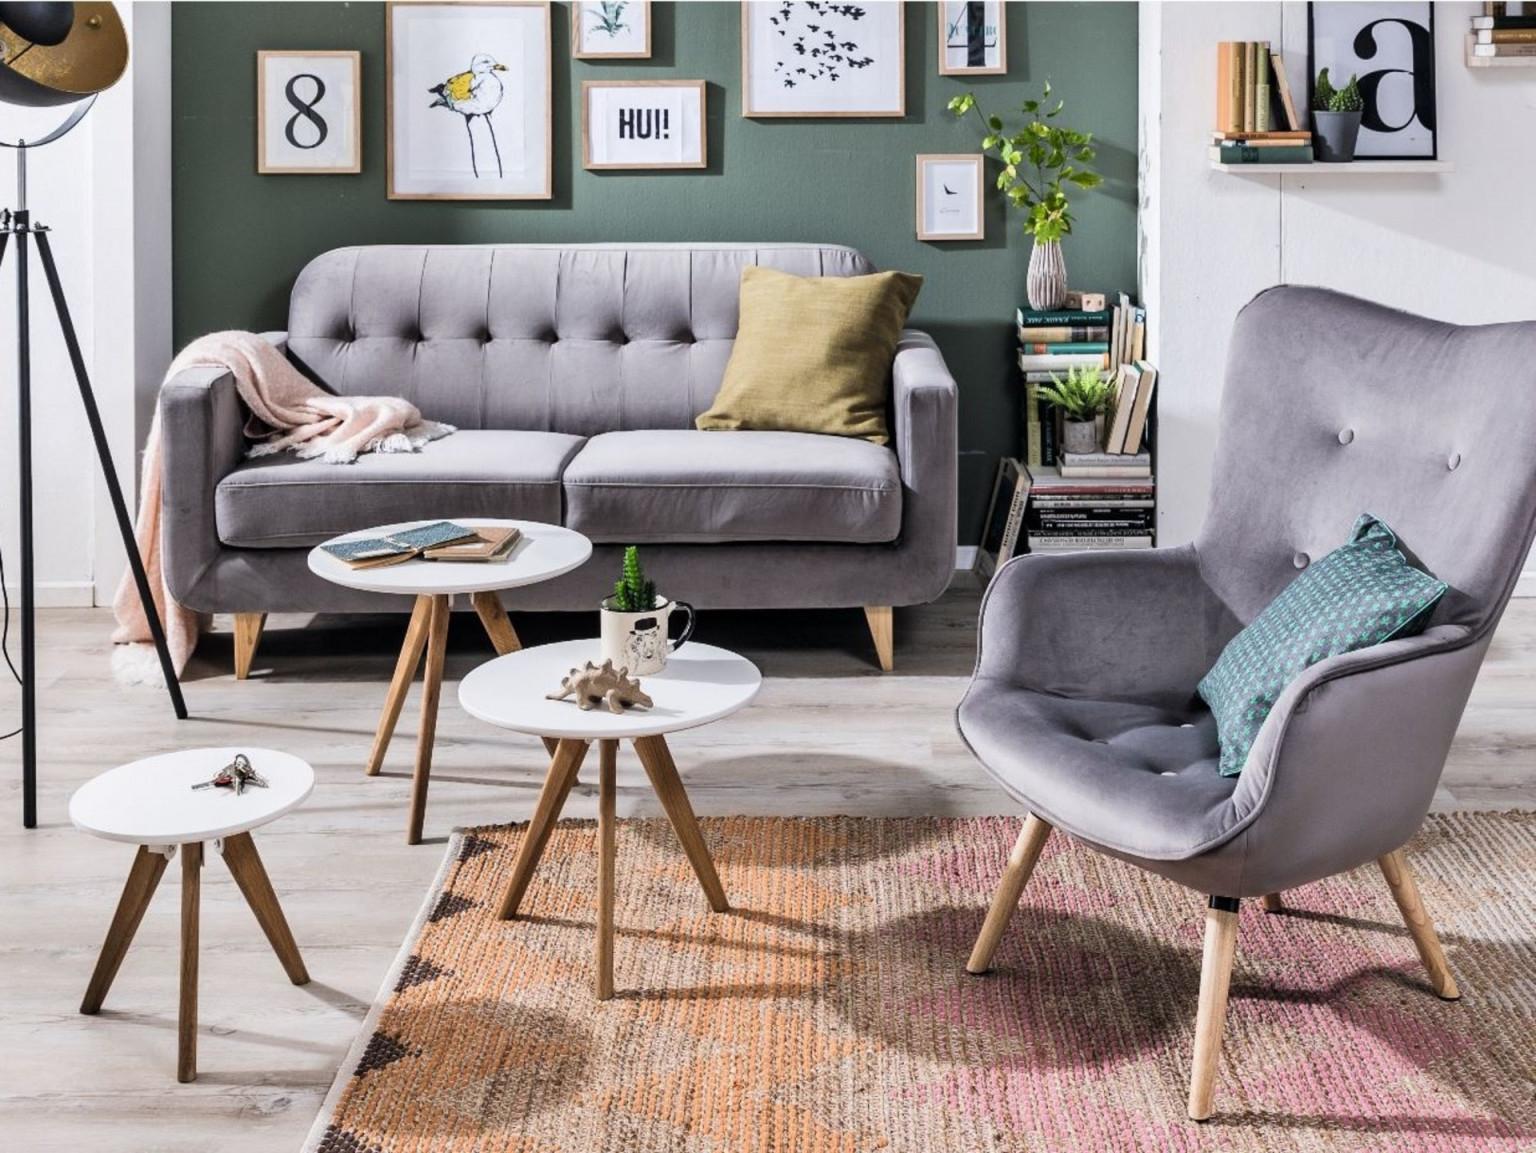 Kleines Wohnzimmer Gemütlich Und Clever Einrichten von Kleines Wohnzimmer Einrichten Ideen Bild